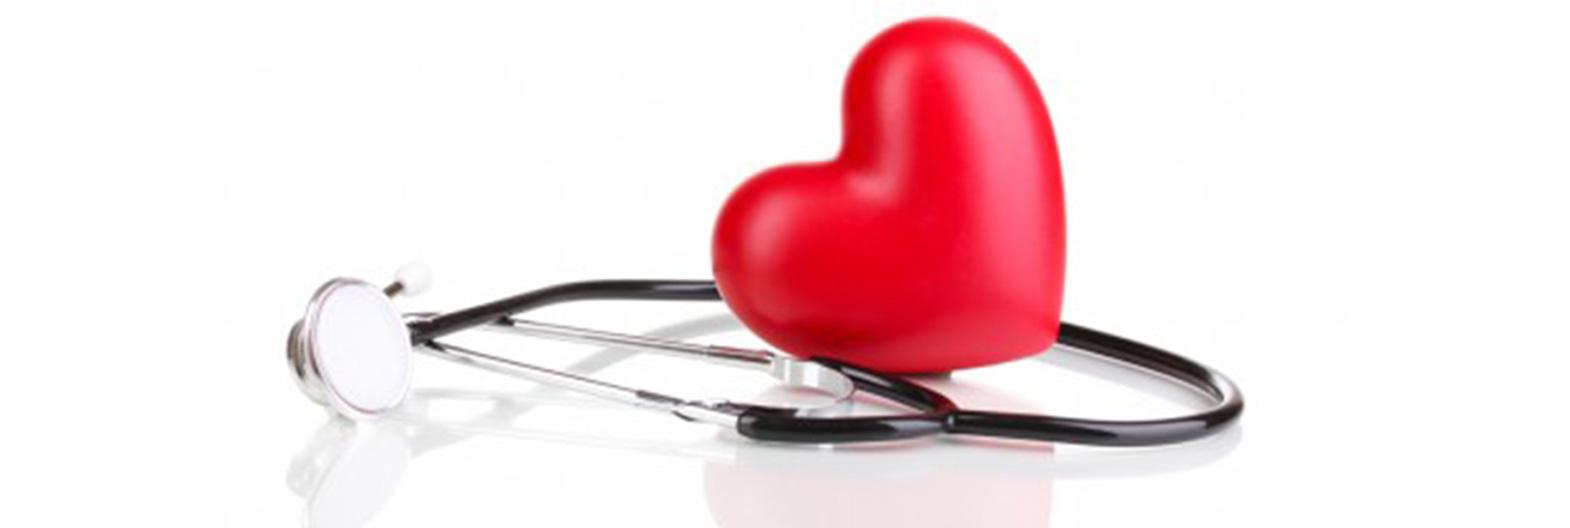 medicininė antrinės hipertenzijos istorija